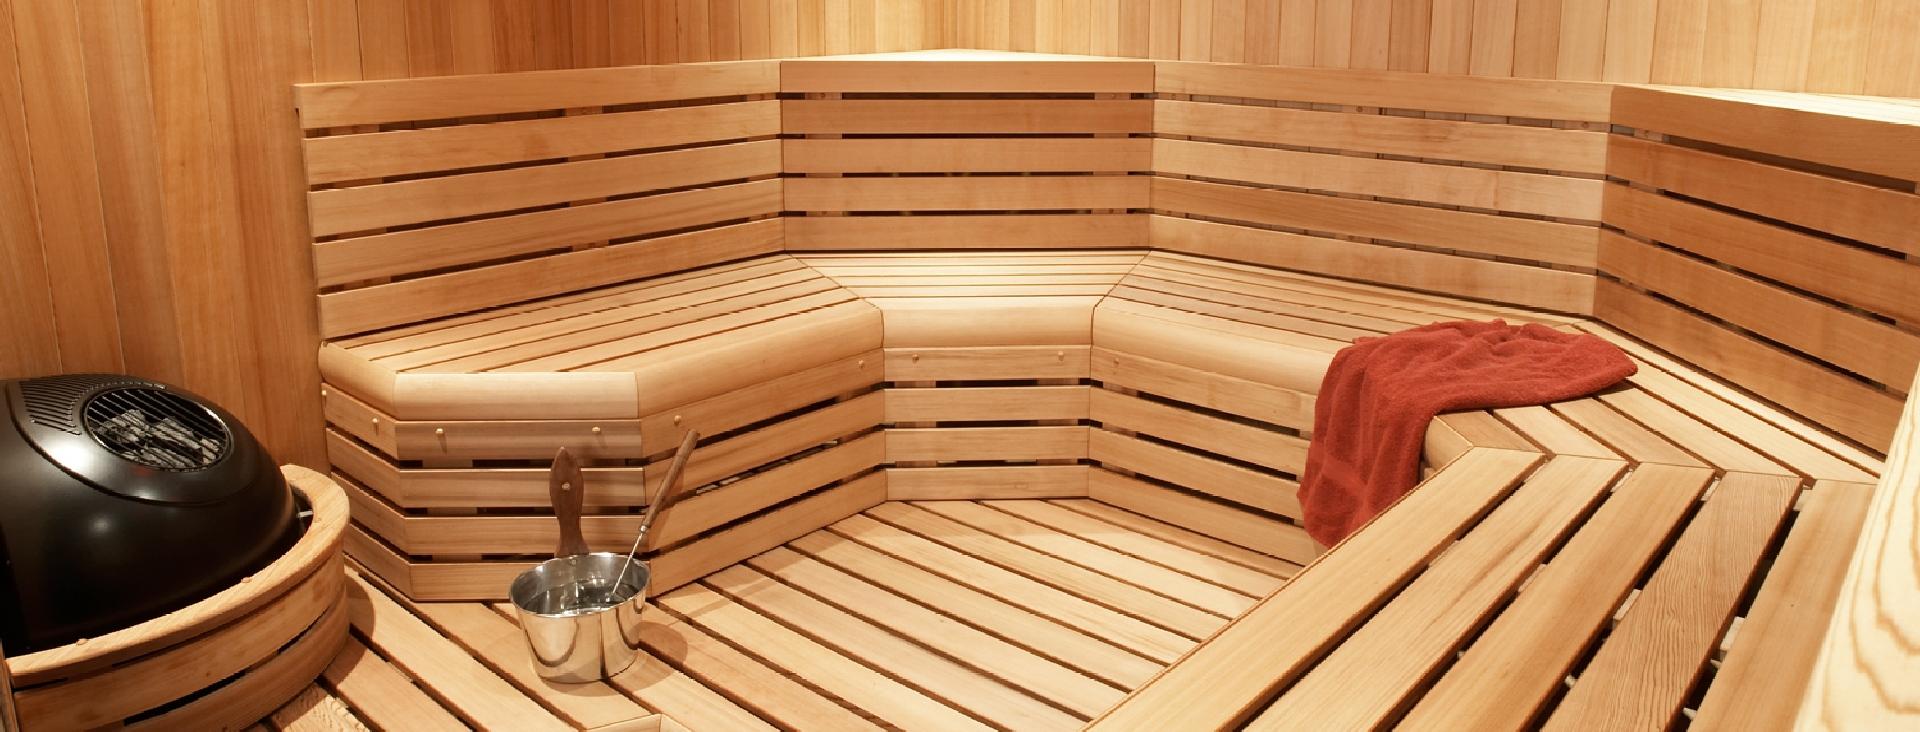 Инструкция по применению supi saunasuoja (супи саунасуоя) защитной пропитки для древесины в бане